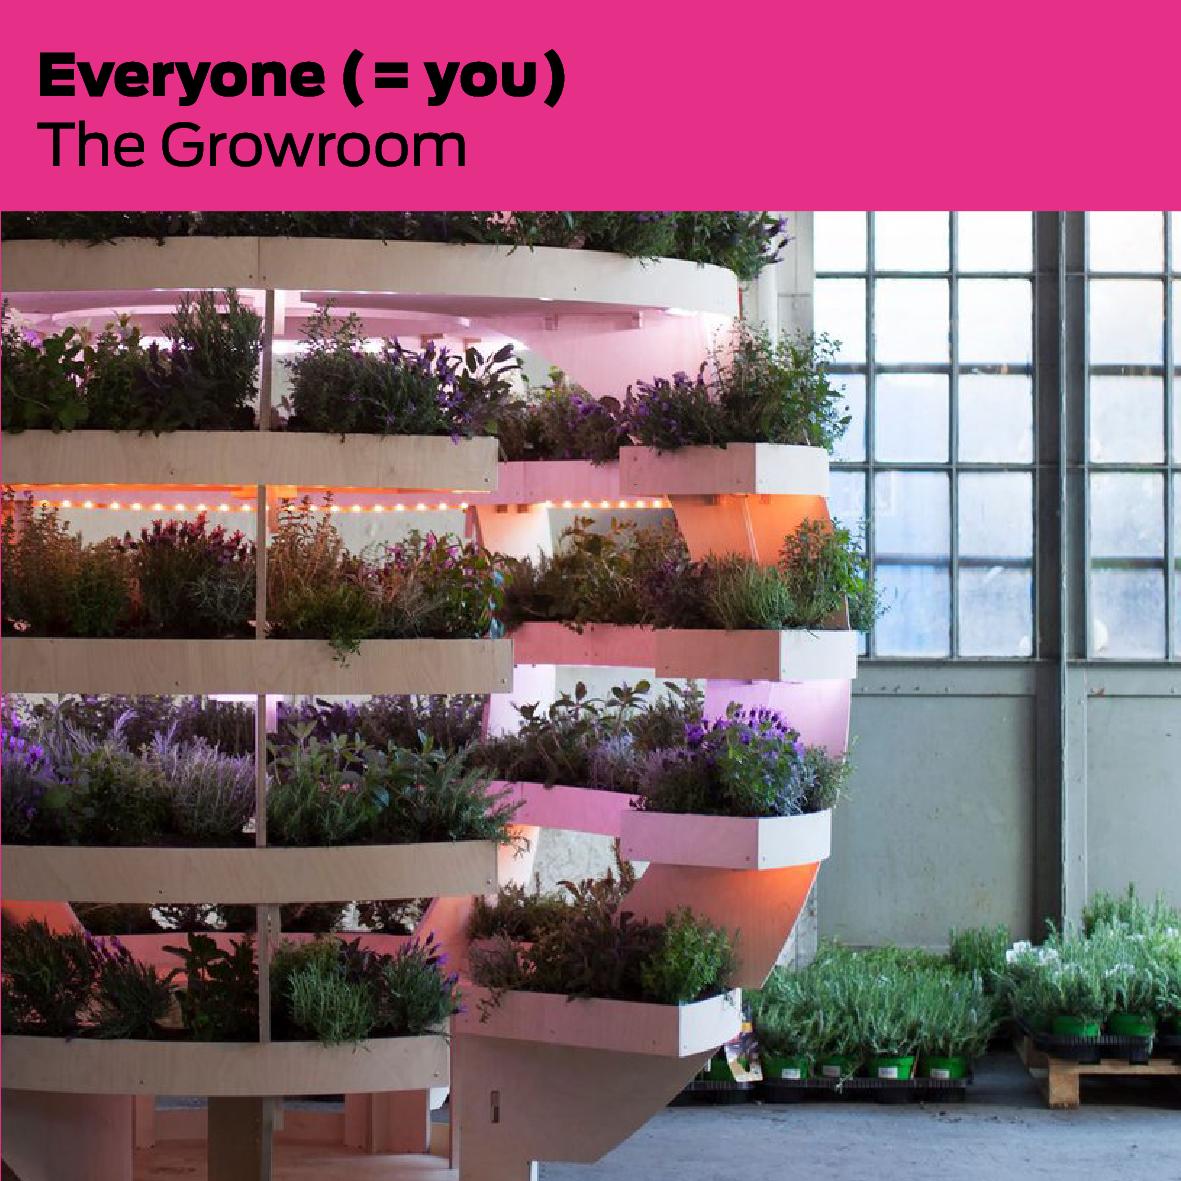 Alle (også dig)/Everyone (including you): The Growroom